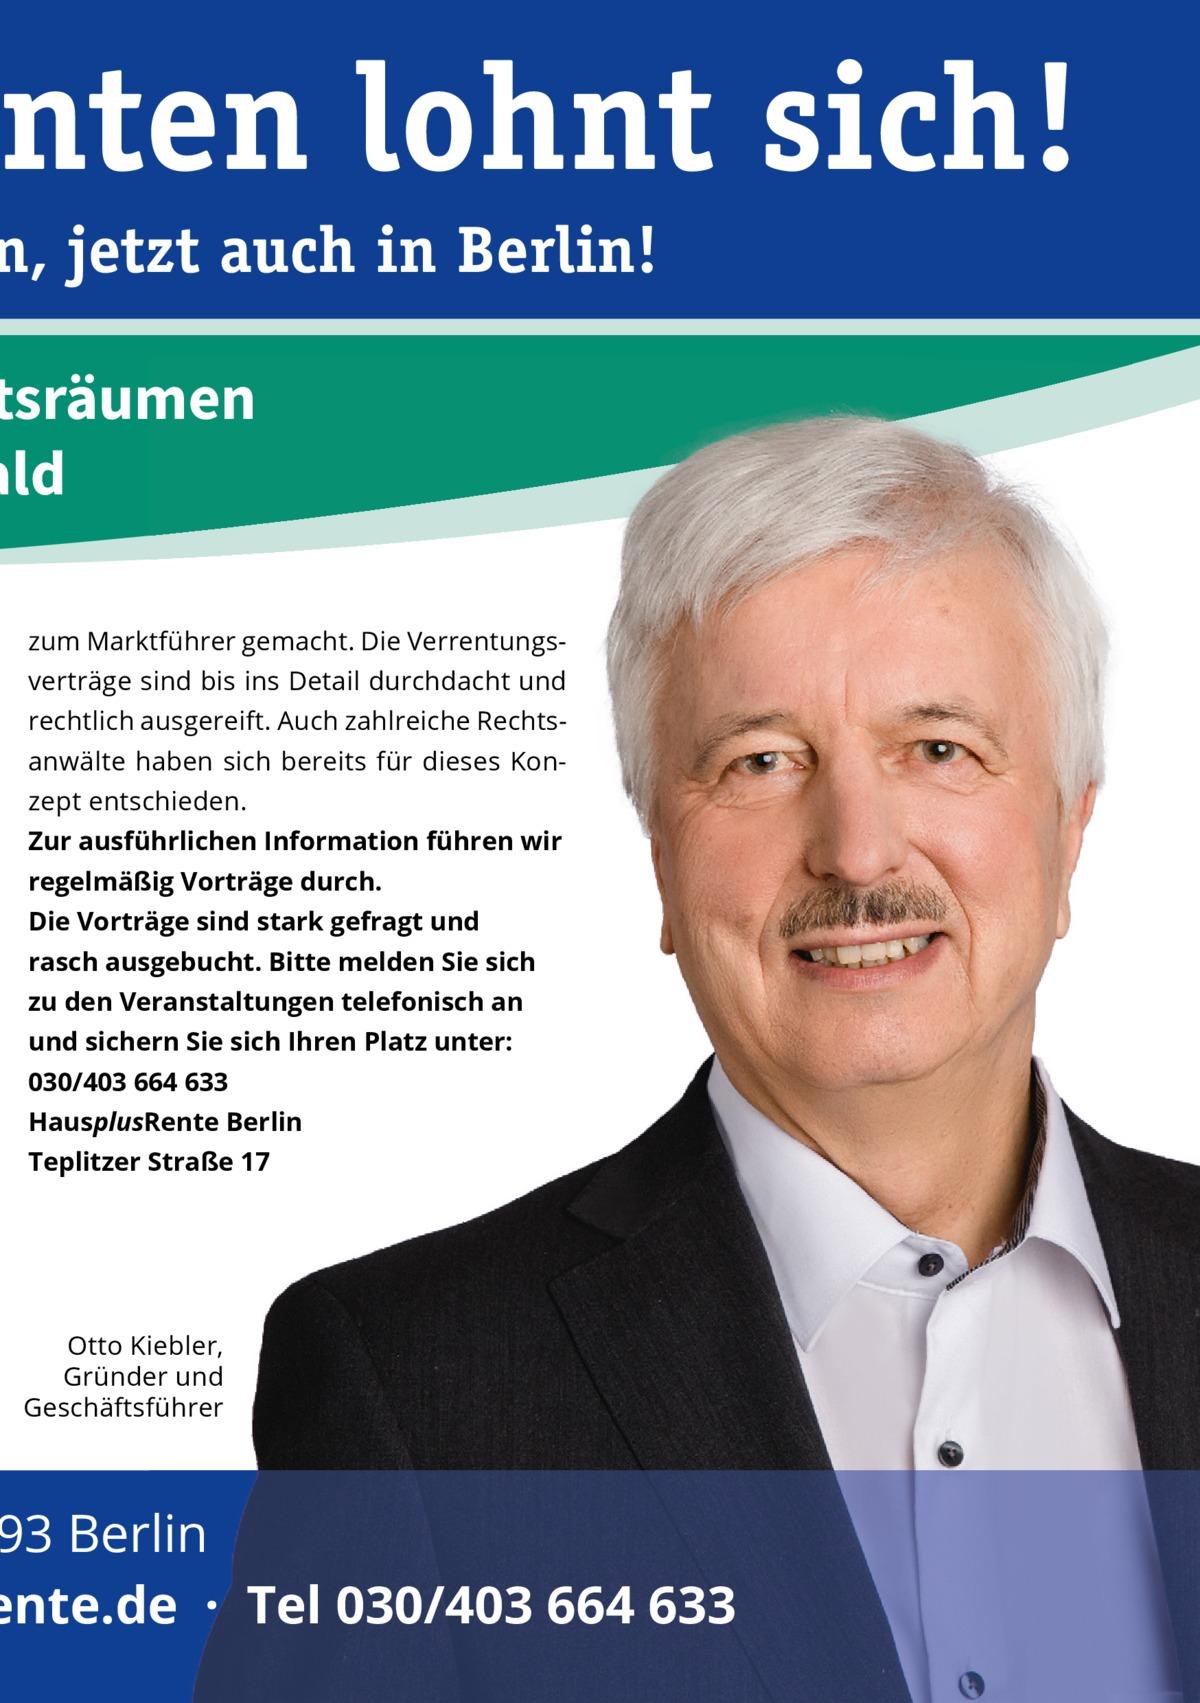 nten lohnt sich!  n, jetzt auch in Berlin!  ftsräumen ald zum Marktführer gemacht. Die Verrentungsverträge sind bis ins Detail durchdacht und rechtlich ausgereift. Auch zahlreiche Rechtsanwälte haben sich bereits für dieses Konzept entschieden. Zur ausführlichen Information führen wir regelmäßig Vorträge durch. Die Vorträge sind stark gefragt und rasch ausgebucht. Bitte melden Sie sich zu den Veranstaltungen telefonisch an und sichern Sie sich Ihren Platz unter: 030/403664633 HausplusRente Berlin Teplitzer Straße17  Otto Kiebler, Gründer und Geschäftsführer  93 Berlin ente.de · Tel 030/403 664 633